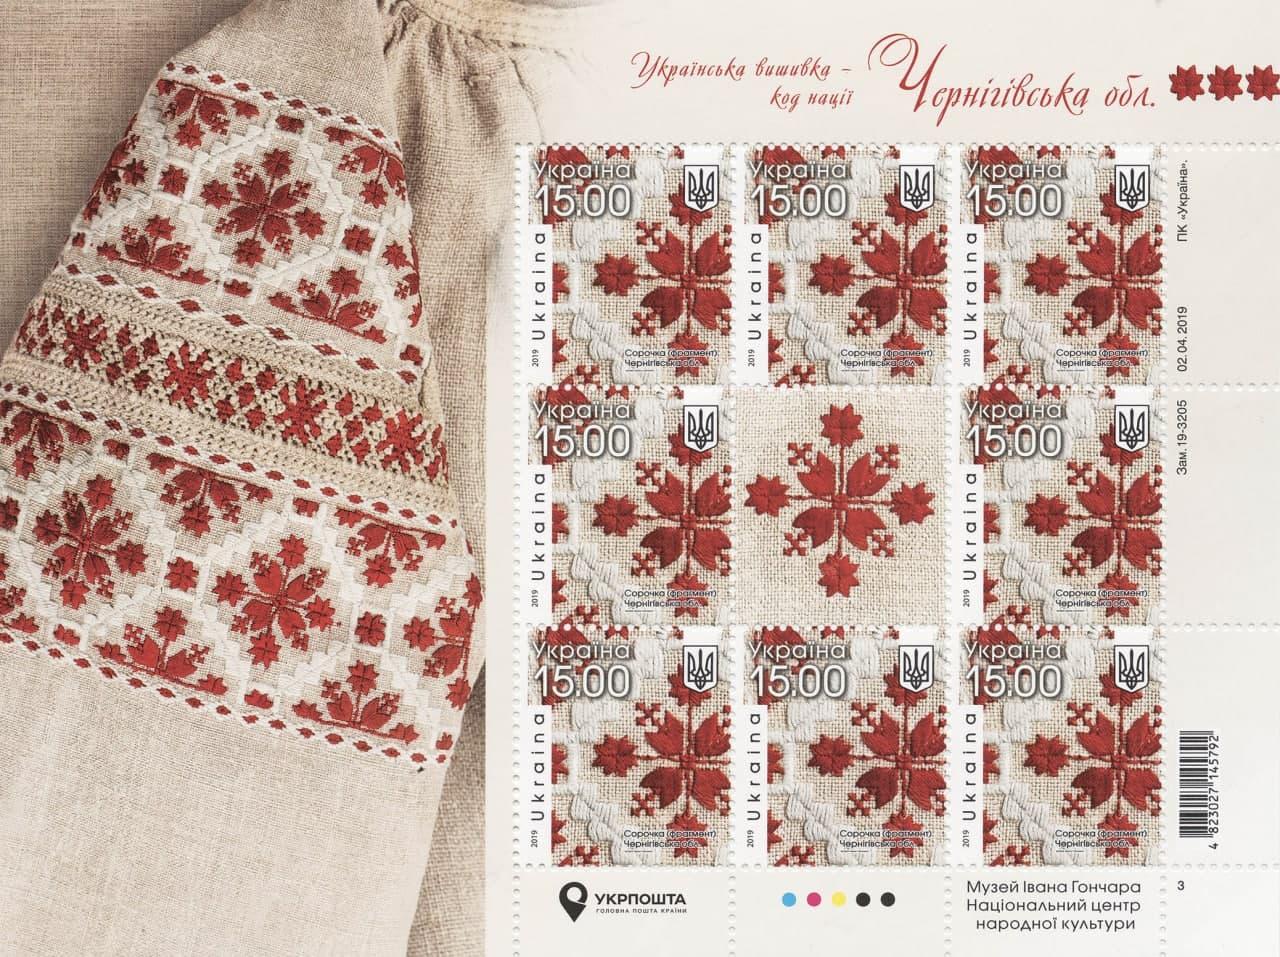 Дві українські марки перемогли на престижному конкурсі в Іспанії - Укрпошта, марка - photo 2020 11 05 09 42 38